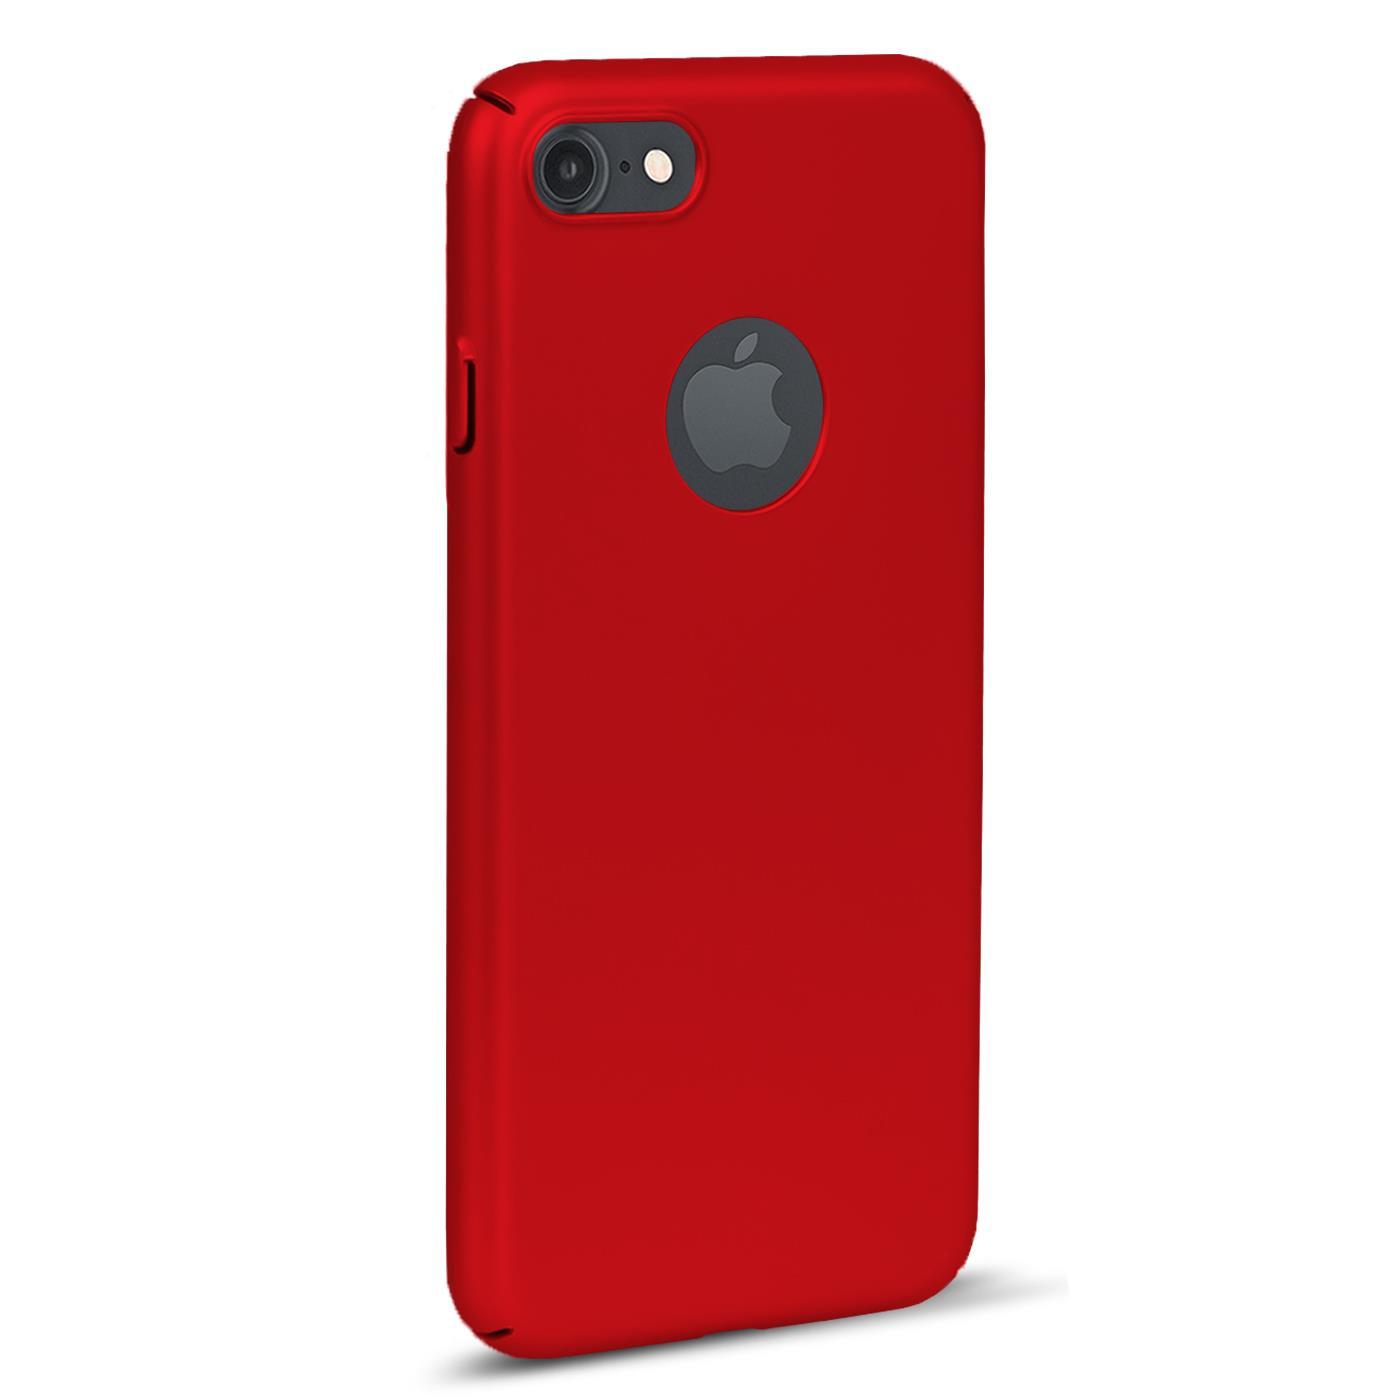 Slim-Cover-Schutzhuelle-Apple-iPhone-Handy-Schutz-Tasche-Huelle-Glas-Panzer-Folie Indexbild 37